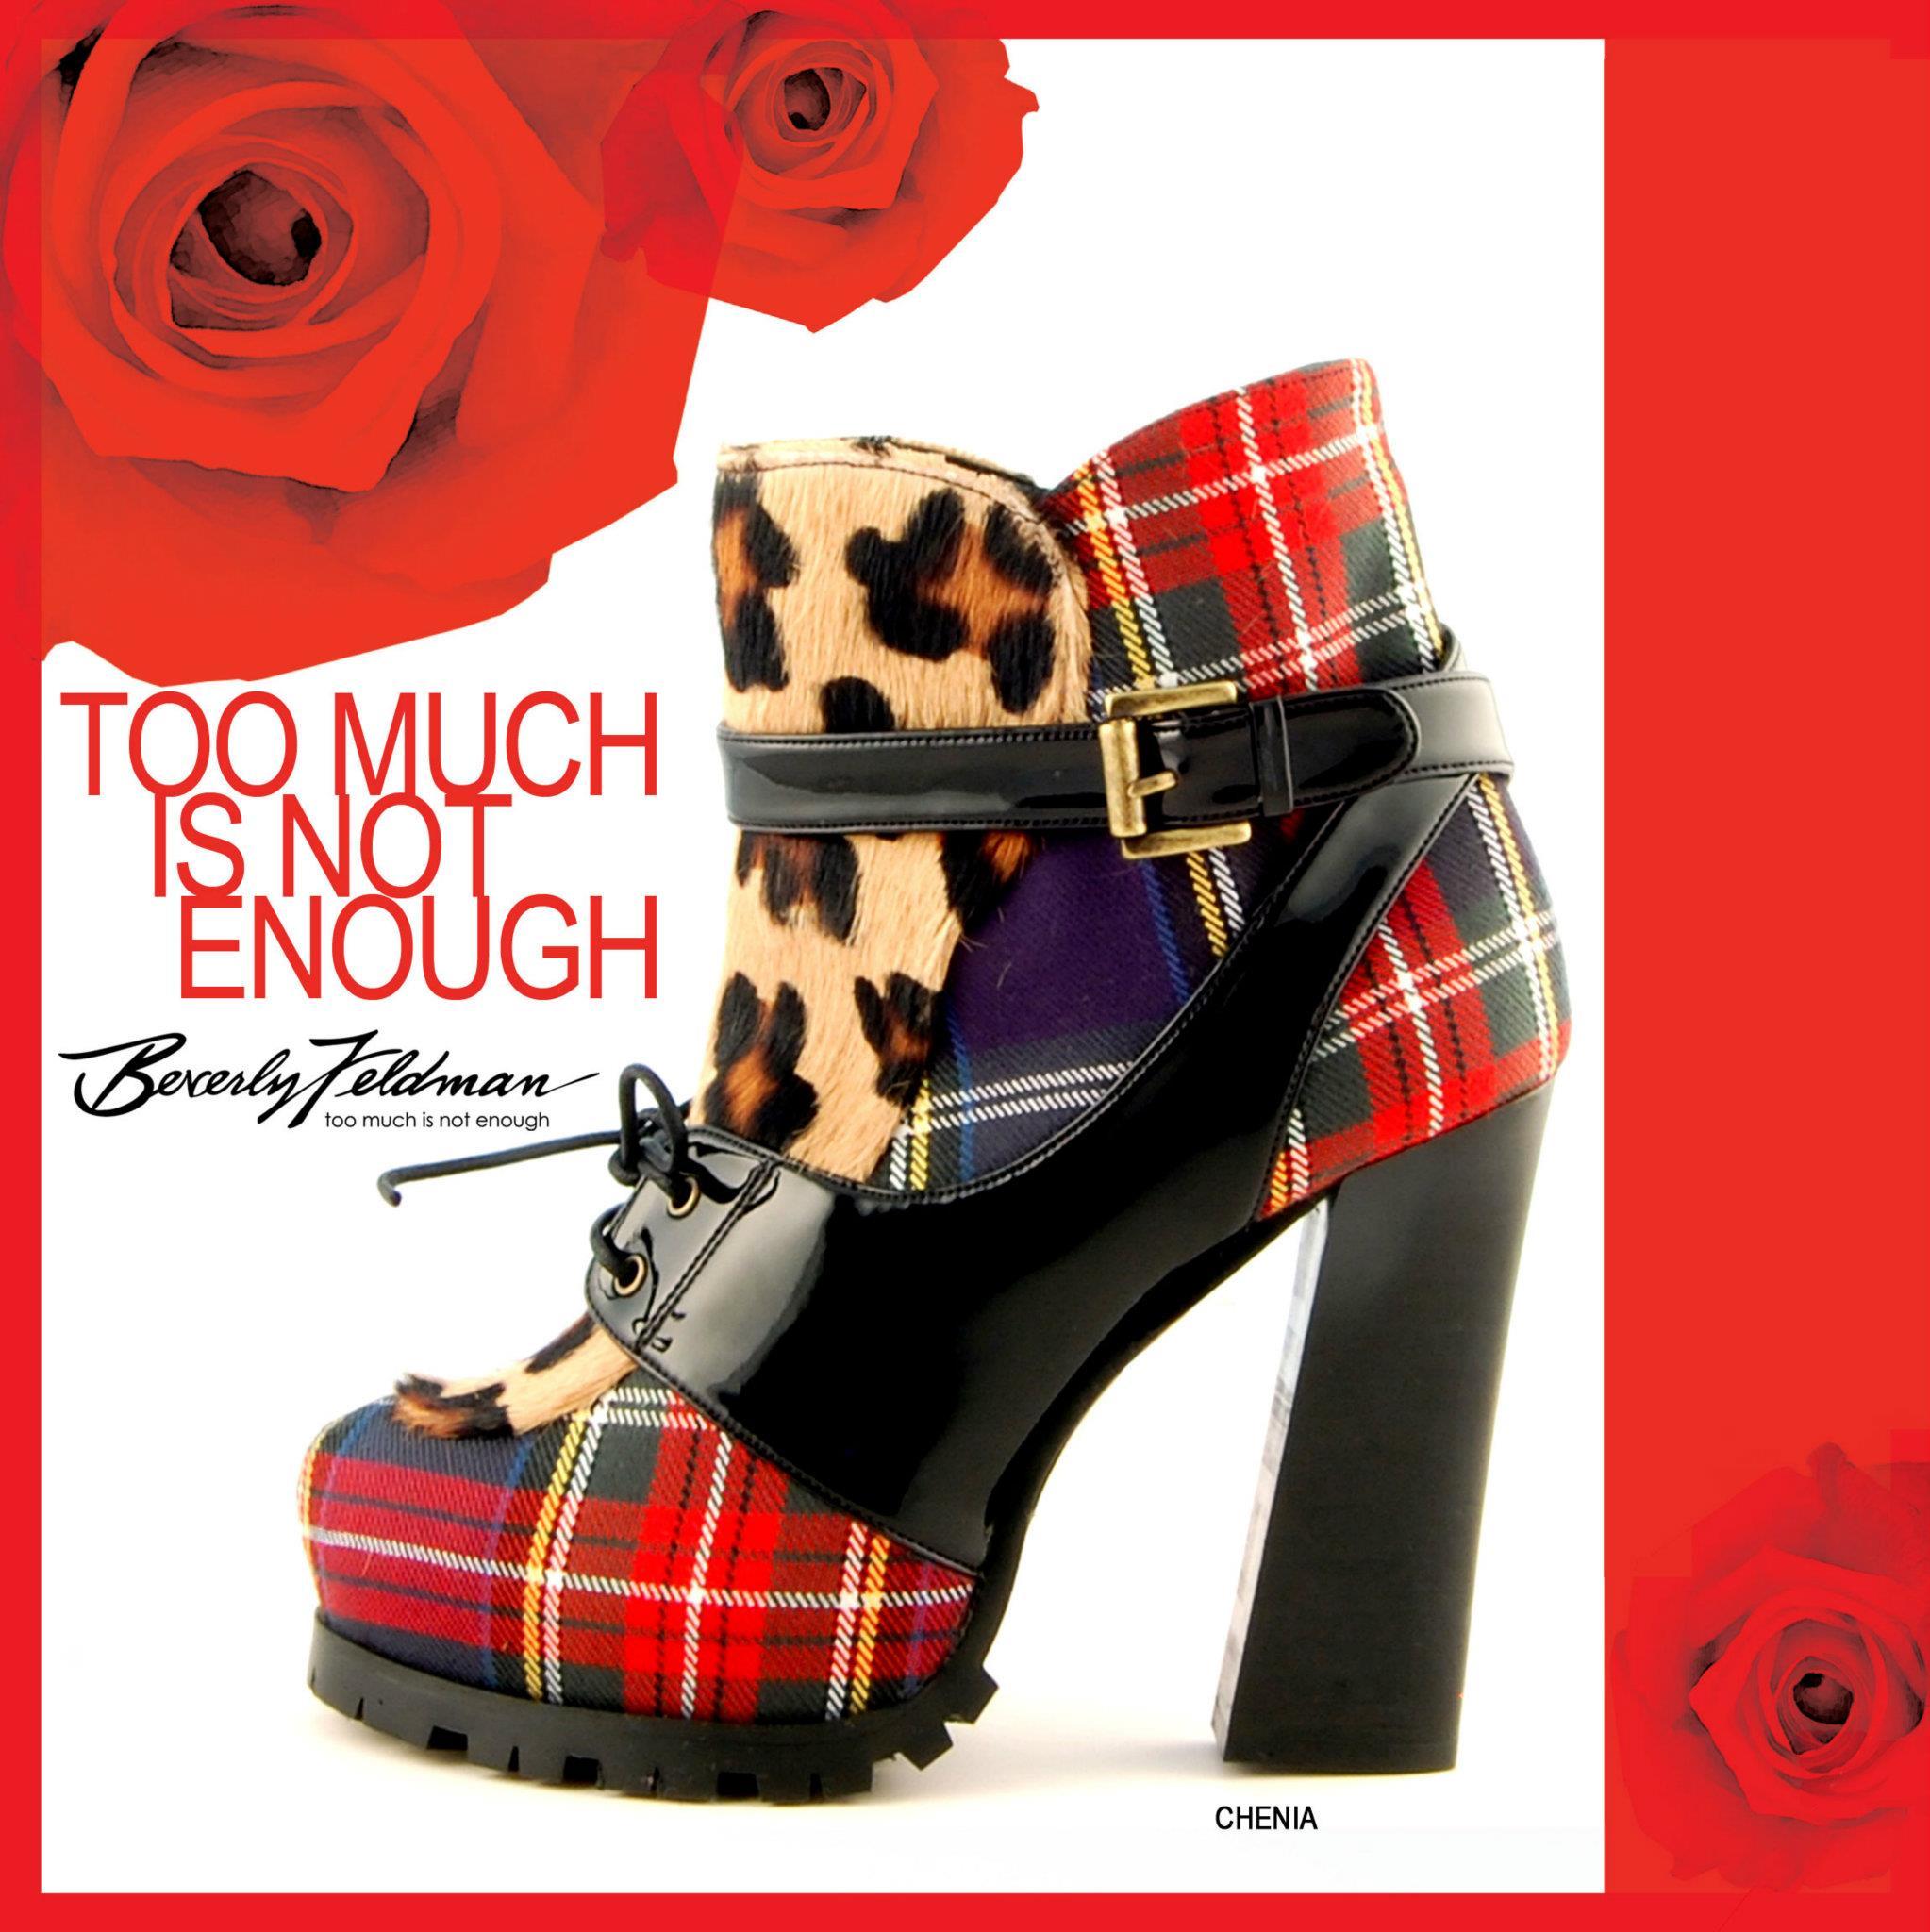 Beverly Feldman Shoes Zu viel ist nicht genug